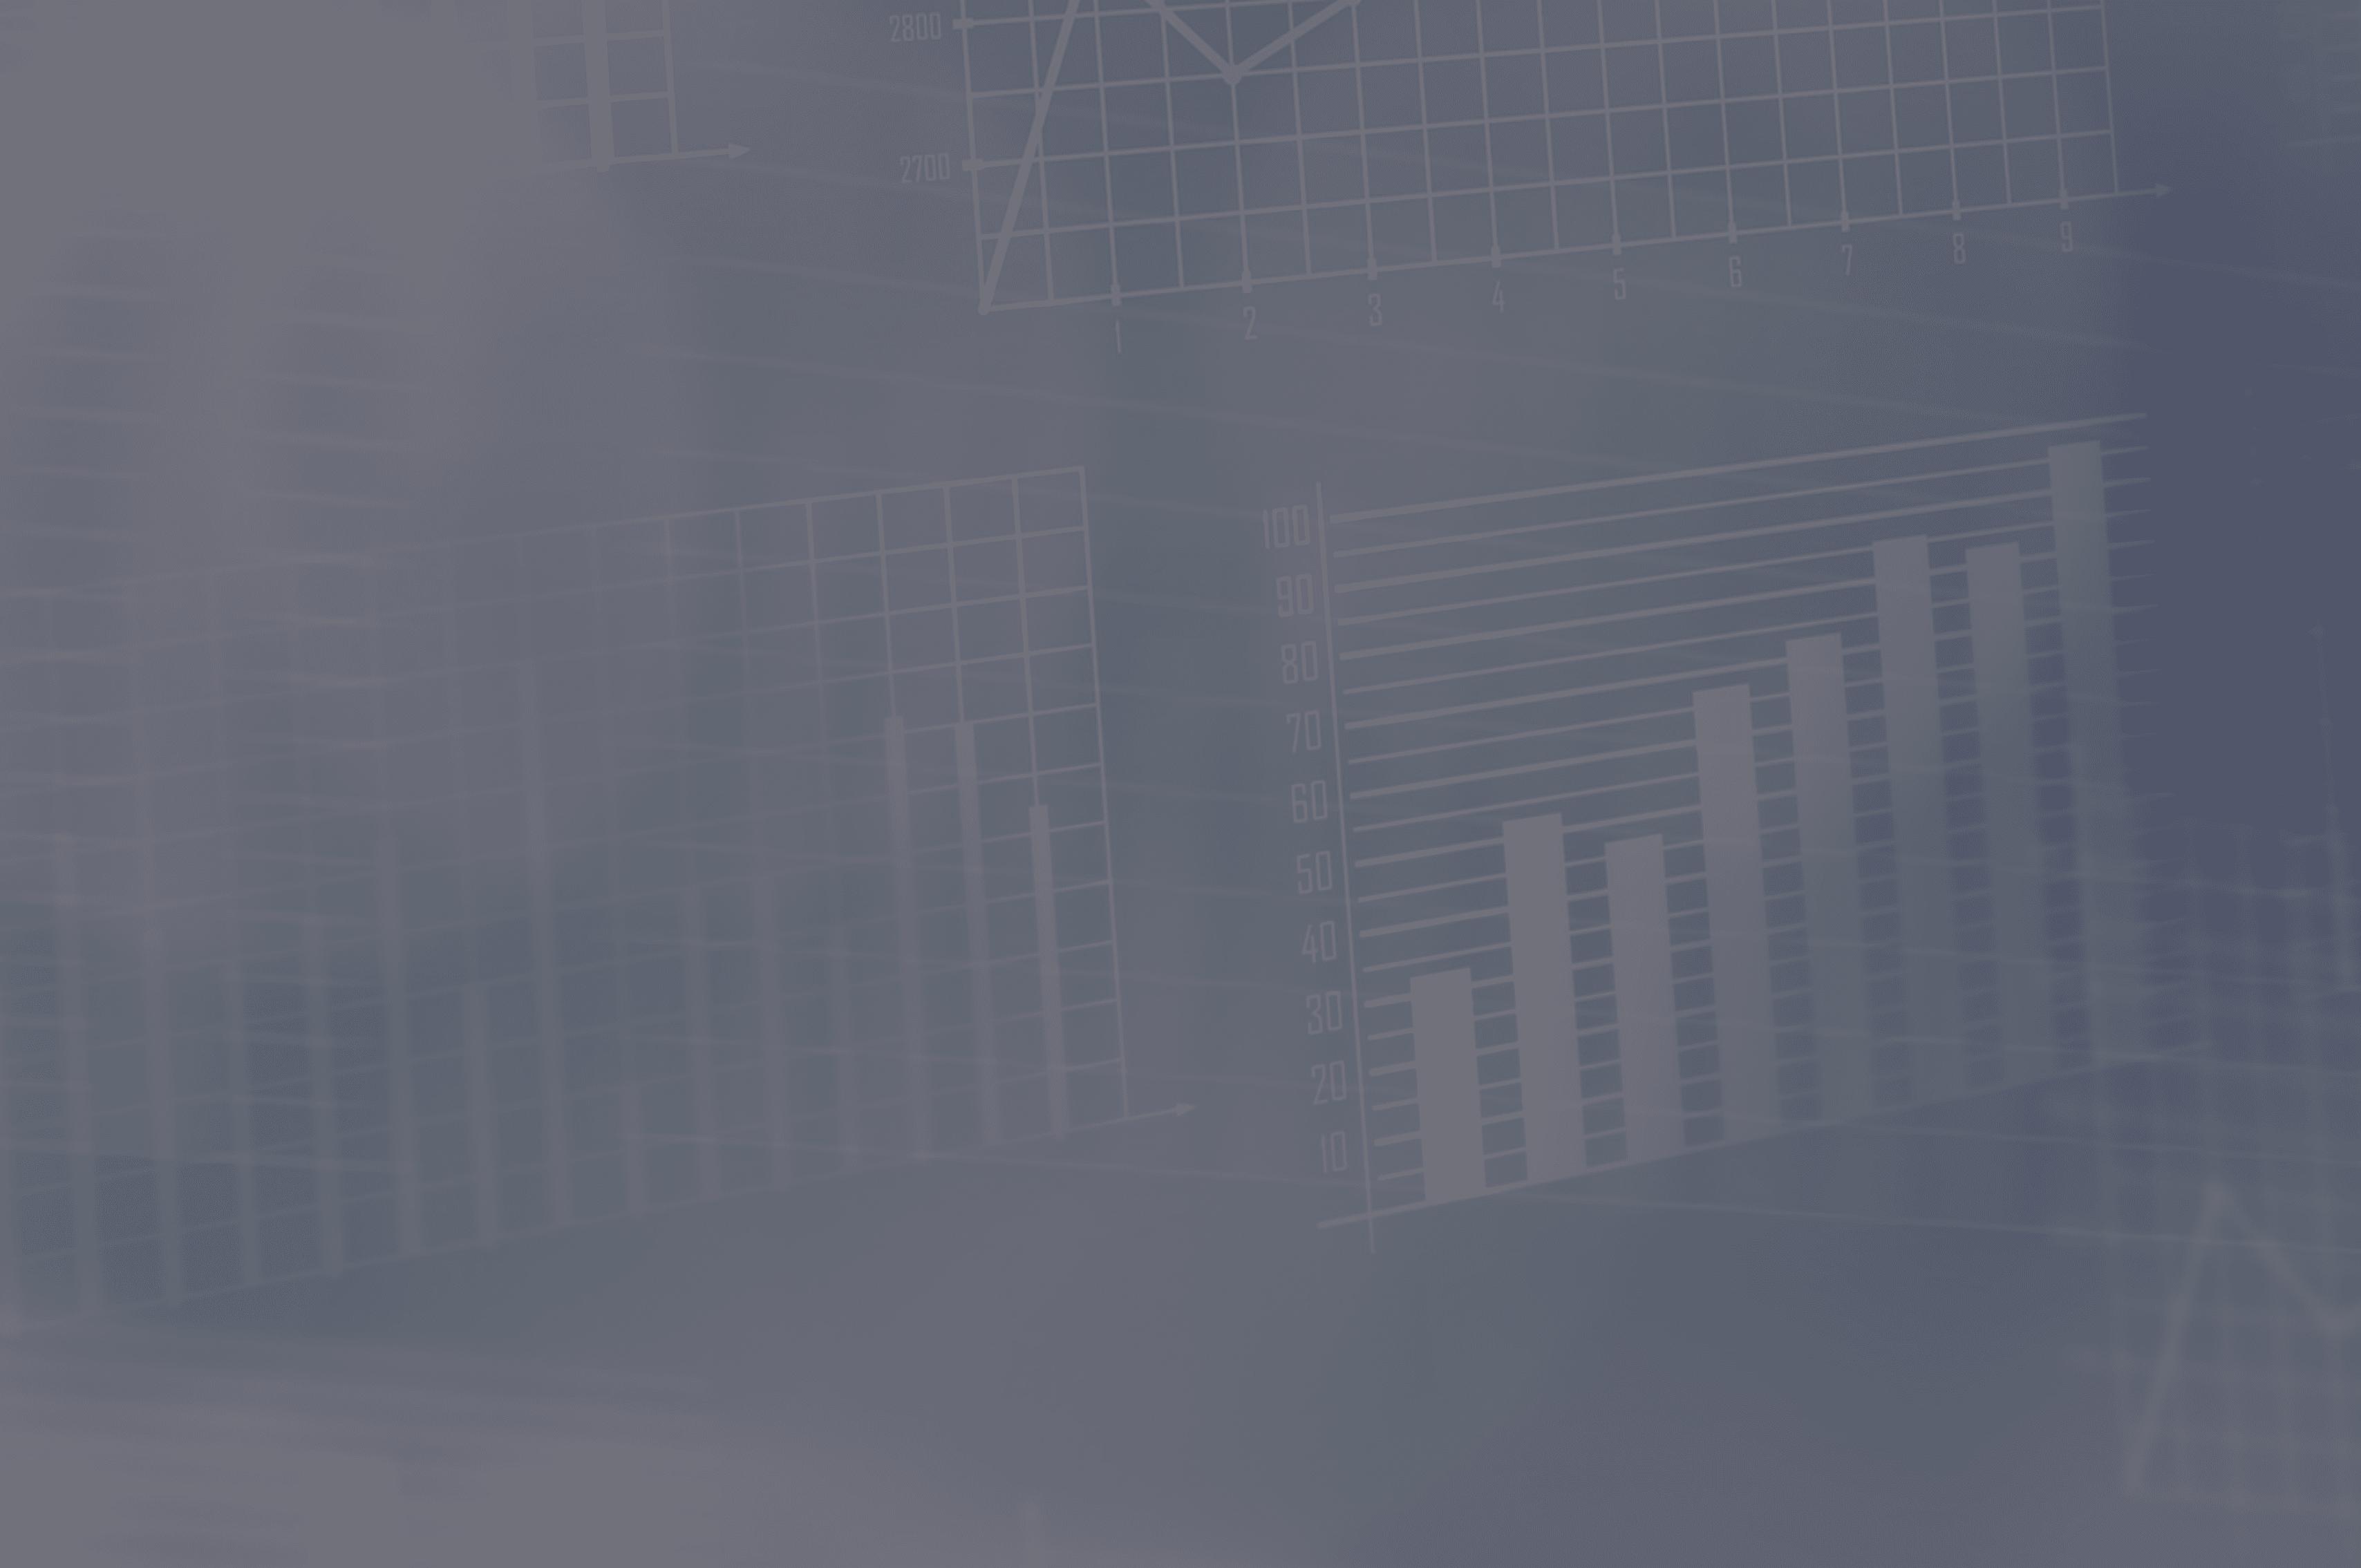 経営状態の把握と事業再生~貸借対照表と損益計算書が示す財務の状態によって、会社の方向性を考える~